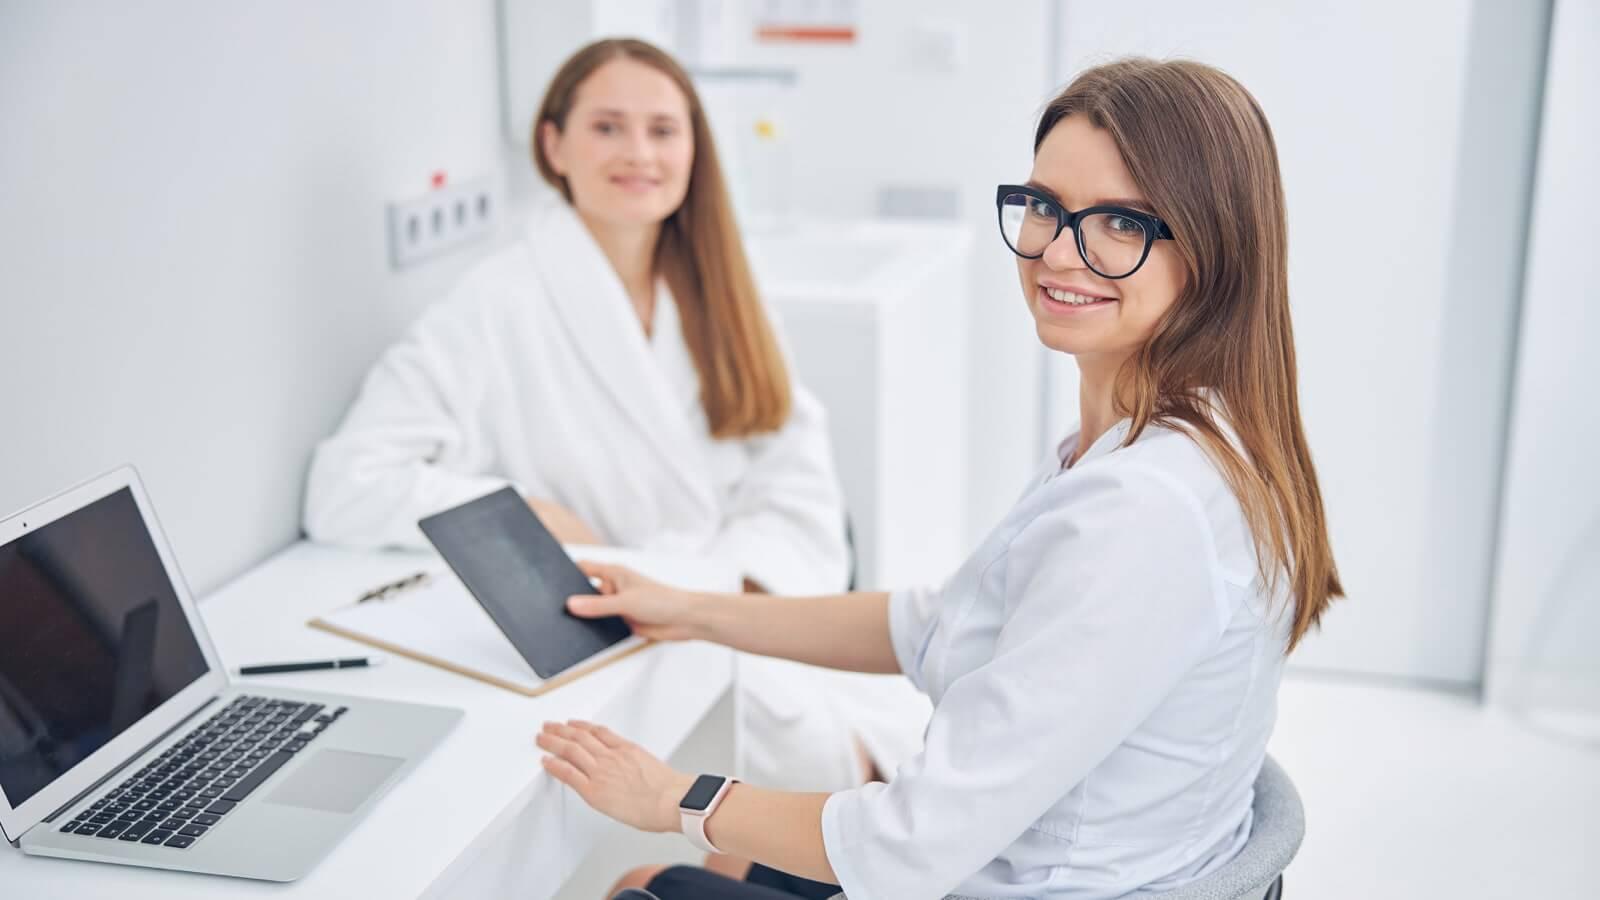 acido hialuronico precauciones embarazo